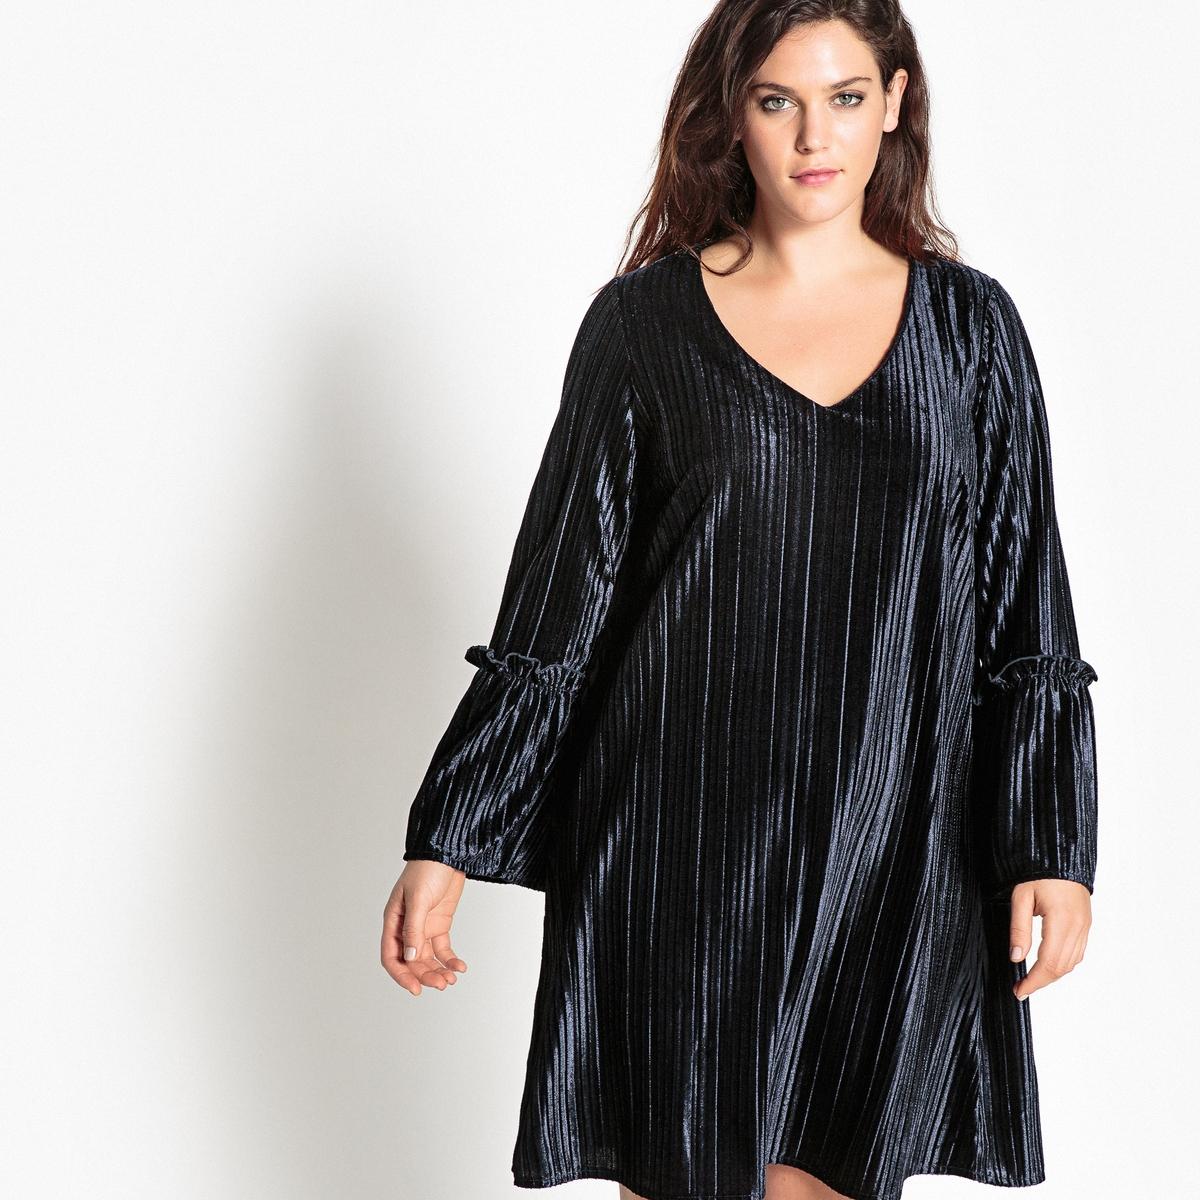 Платье расклешённое из велюраОписание:Этой зимой велюр снова в моде . Невероятно модное расклешенное платье из велюрового трикотажа с плиссировкой . Это велюровое платье - просто верх элегантности .Детали   •  Форма : с плиссировкой •  Длина ниже колен •  Длинные рукава    •   V-образный вырезСостав и уход •  5% эластана, 95% полиэстера  •  Температура стирки 30° •  Гладить при низкой температуре / не отбеливать •  Не использовать барабанную сушку   • Сухая чистка запрещена   Товар из коллекции больших размеров •  Длина : 100 см.<br><br>Цвет: синий морской<br>Размер: 42 (FR) - 48 (RUS).46 (FR) - 52 (RUS).50 (FR) - 56 (RUS)